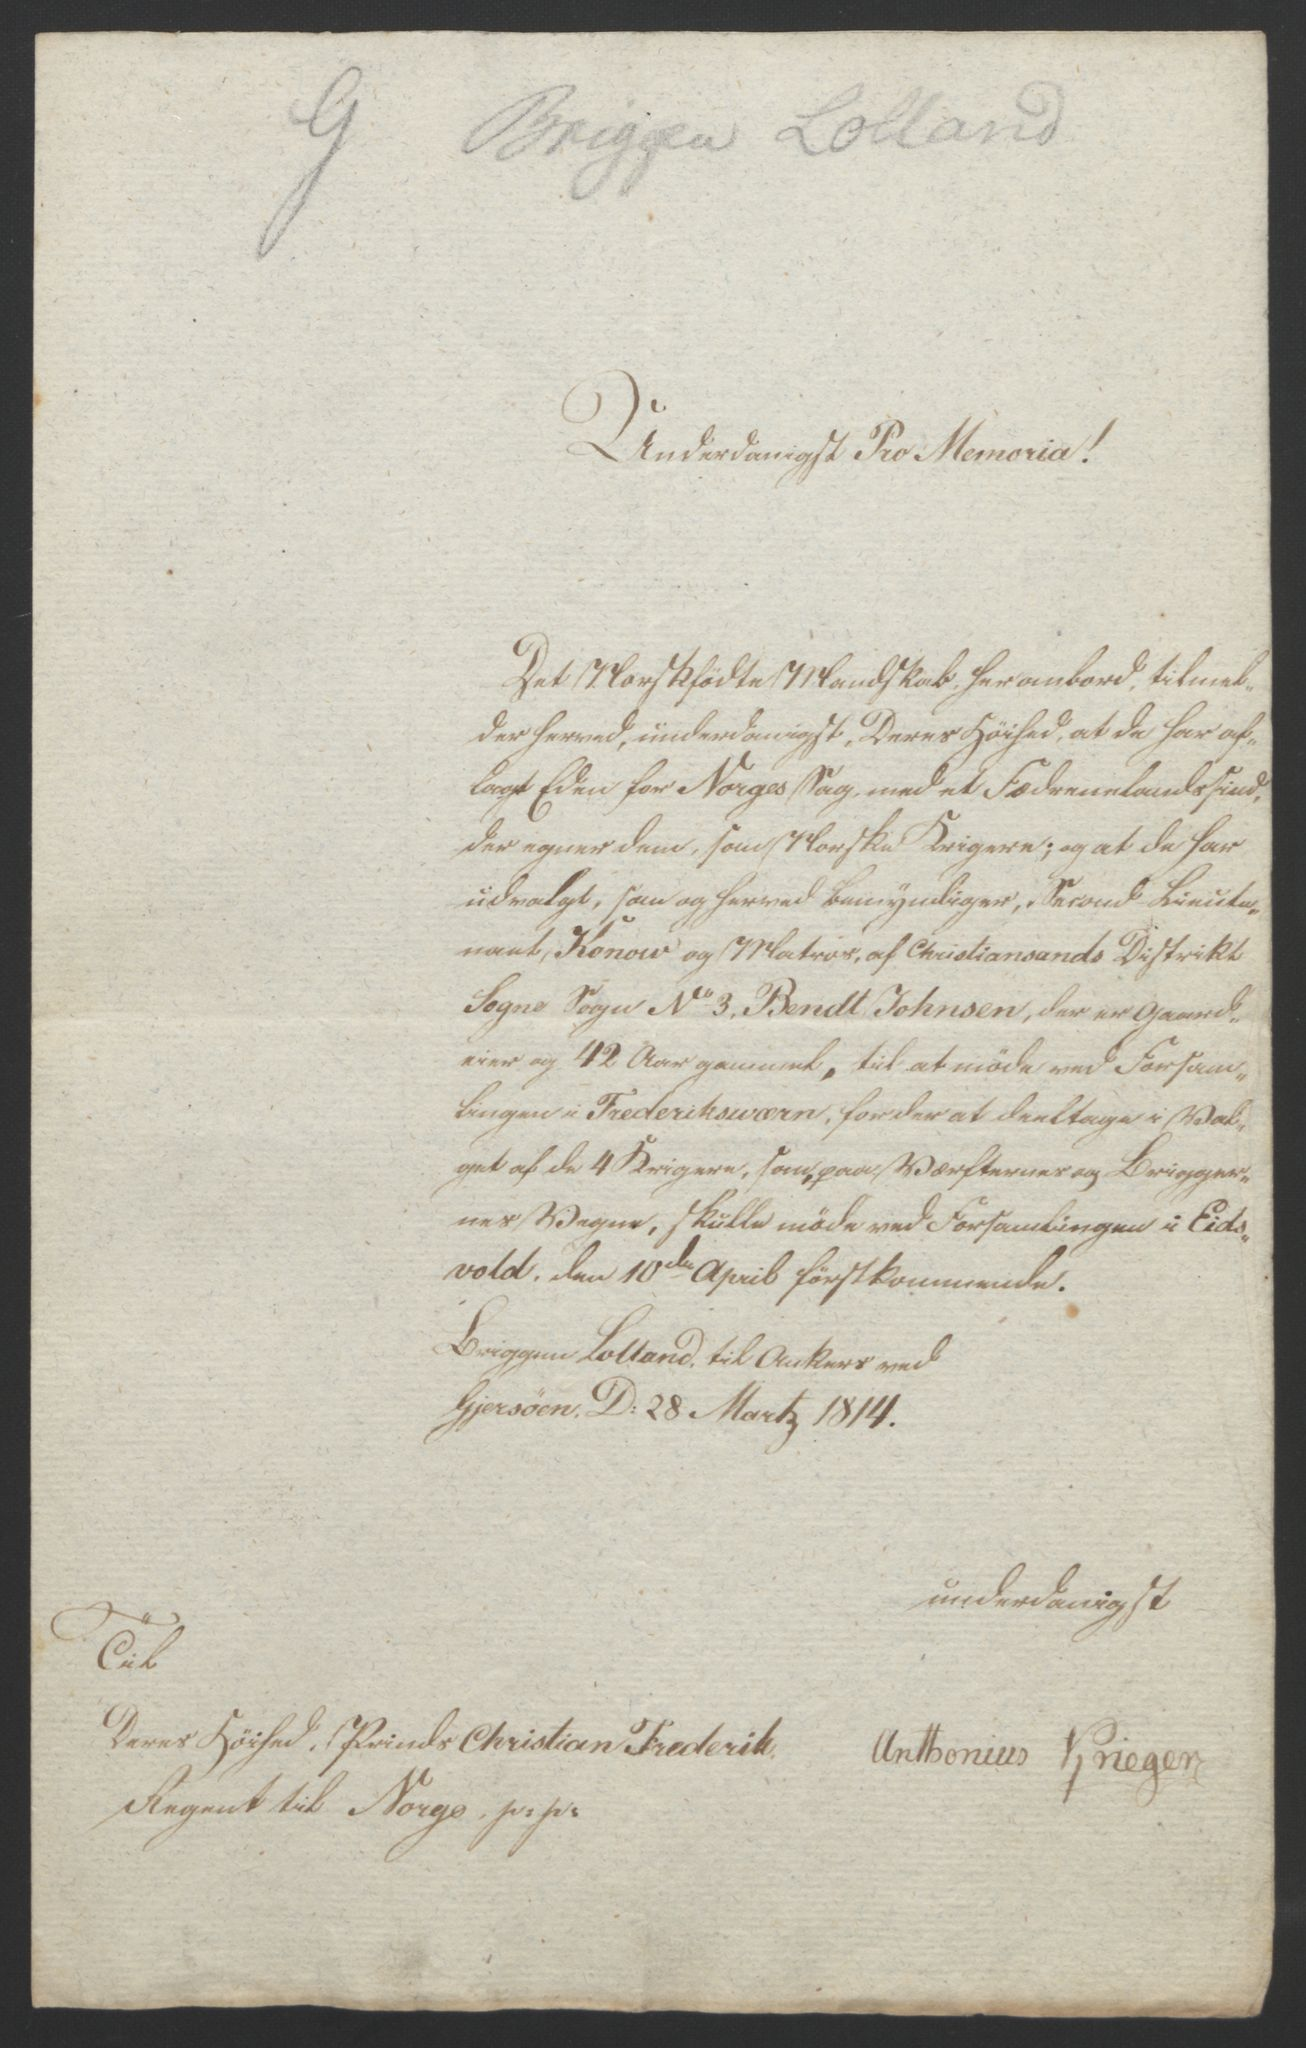 RA, Statsrådssekretariatet, D/Db/L0007: Fullmakter for Eidsvollsrepresentantene i 1814. , 1814, s. 135